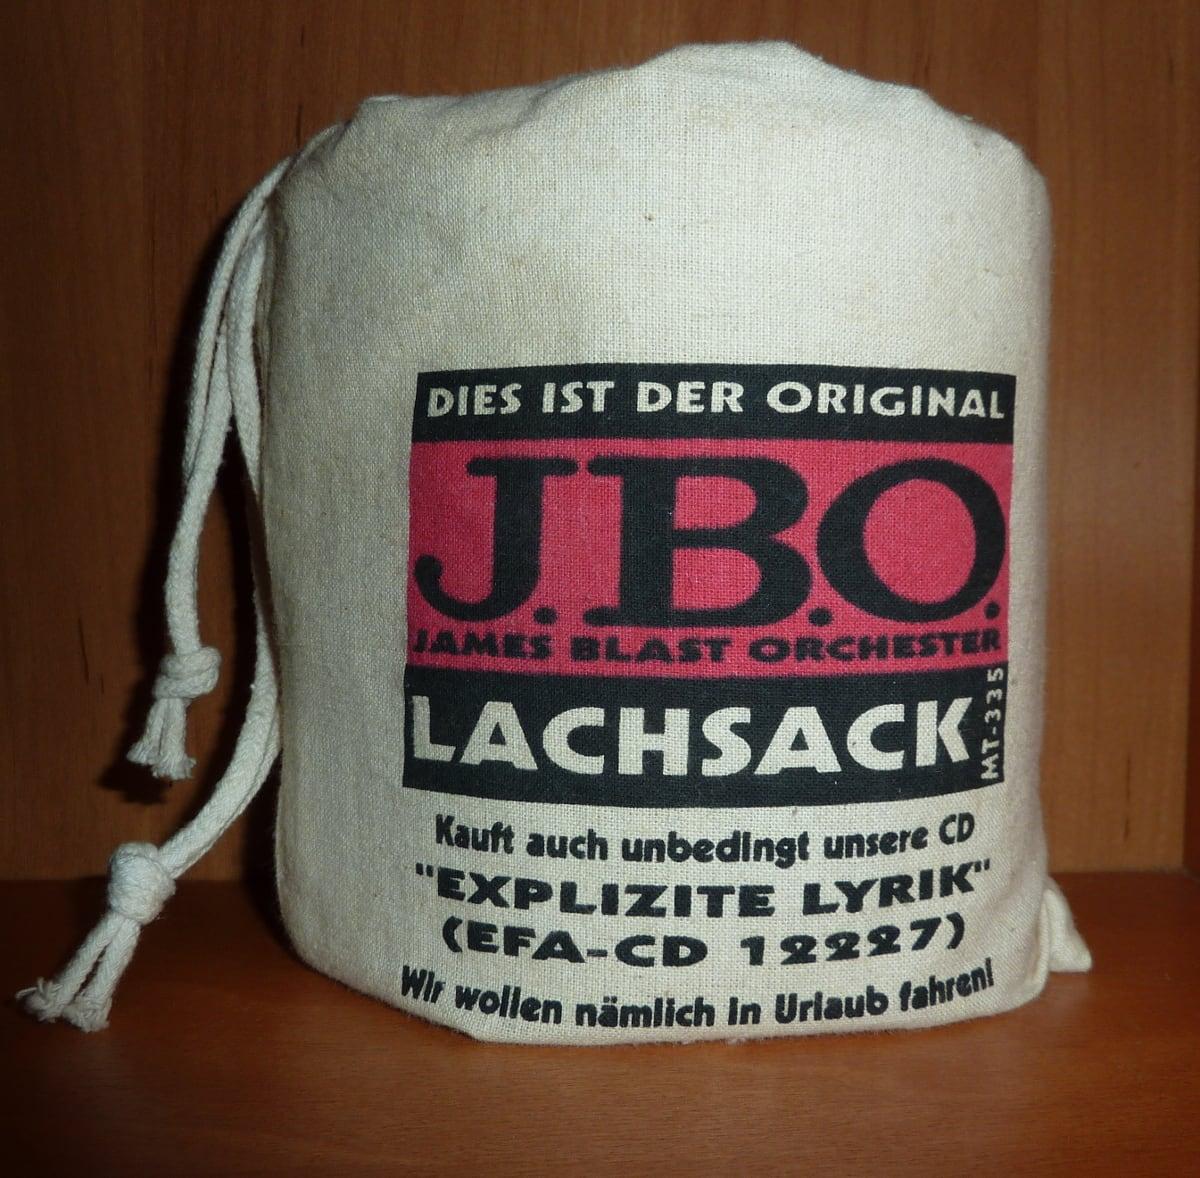 Historisches: Der J.B.O. Lachsack